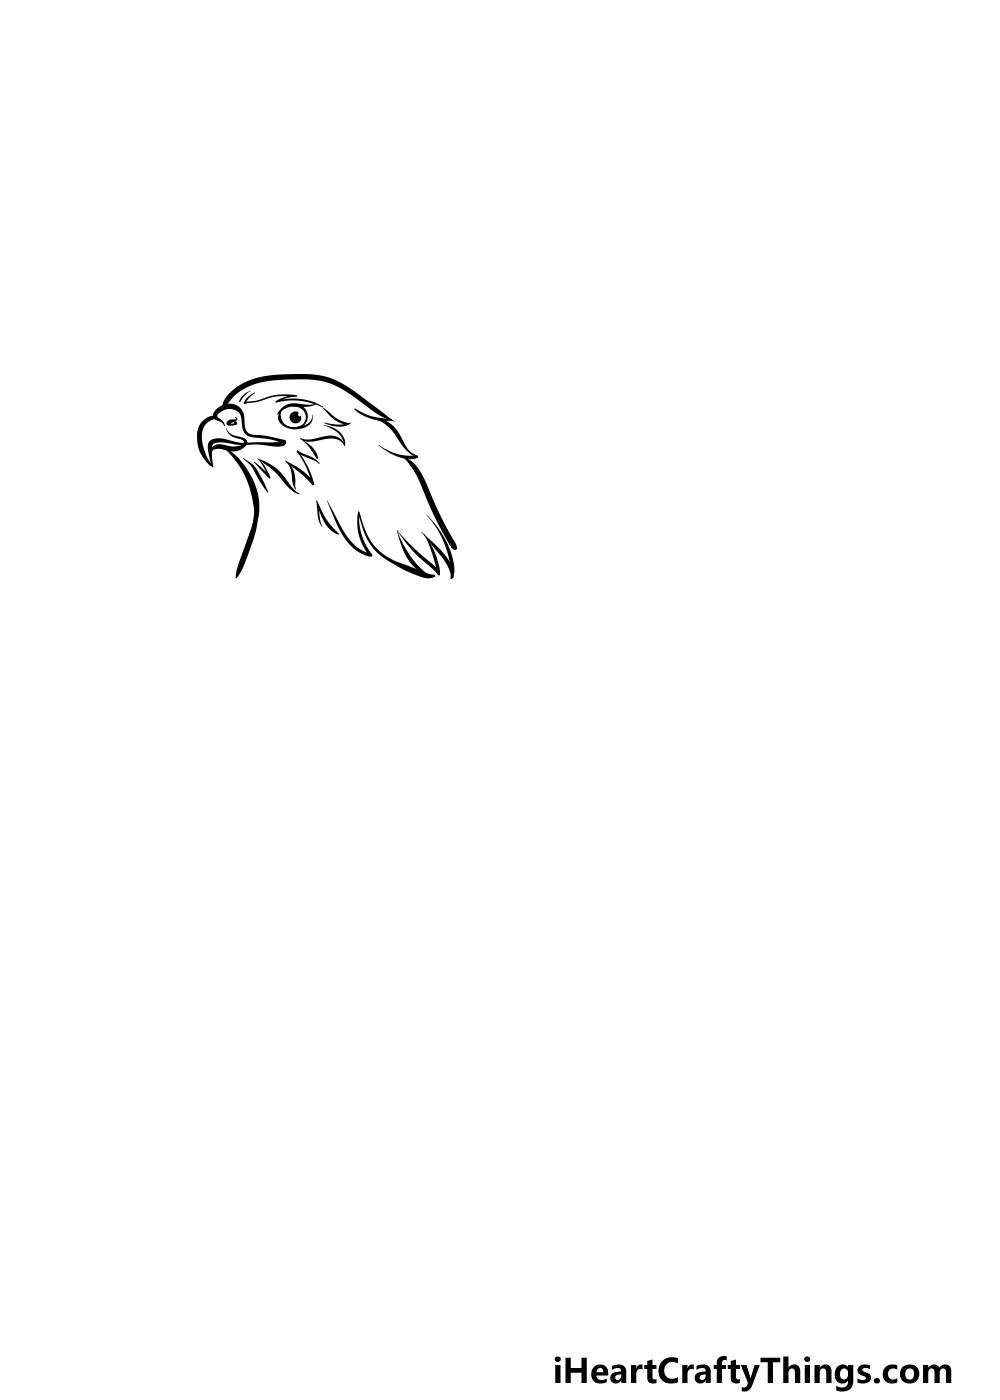 dibujando un halcón paso 1